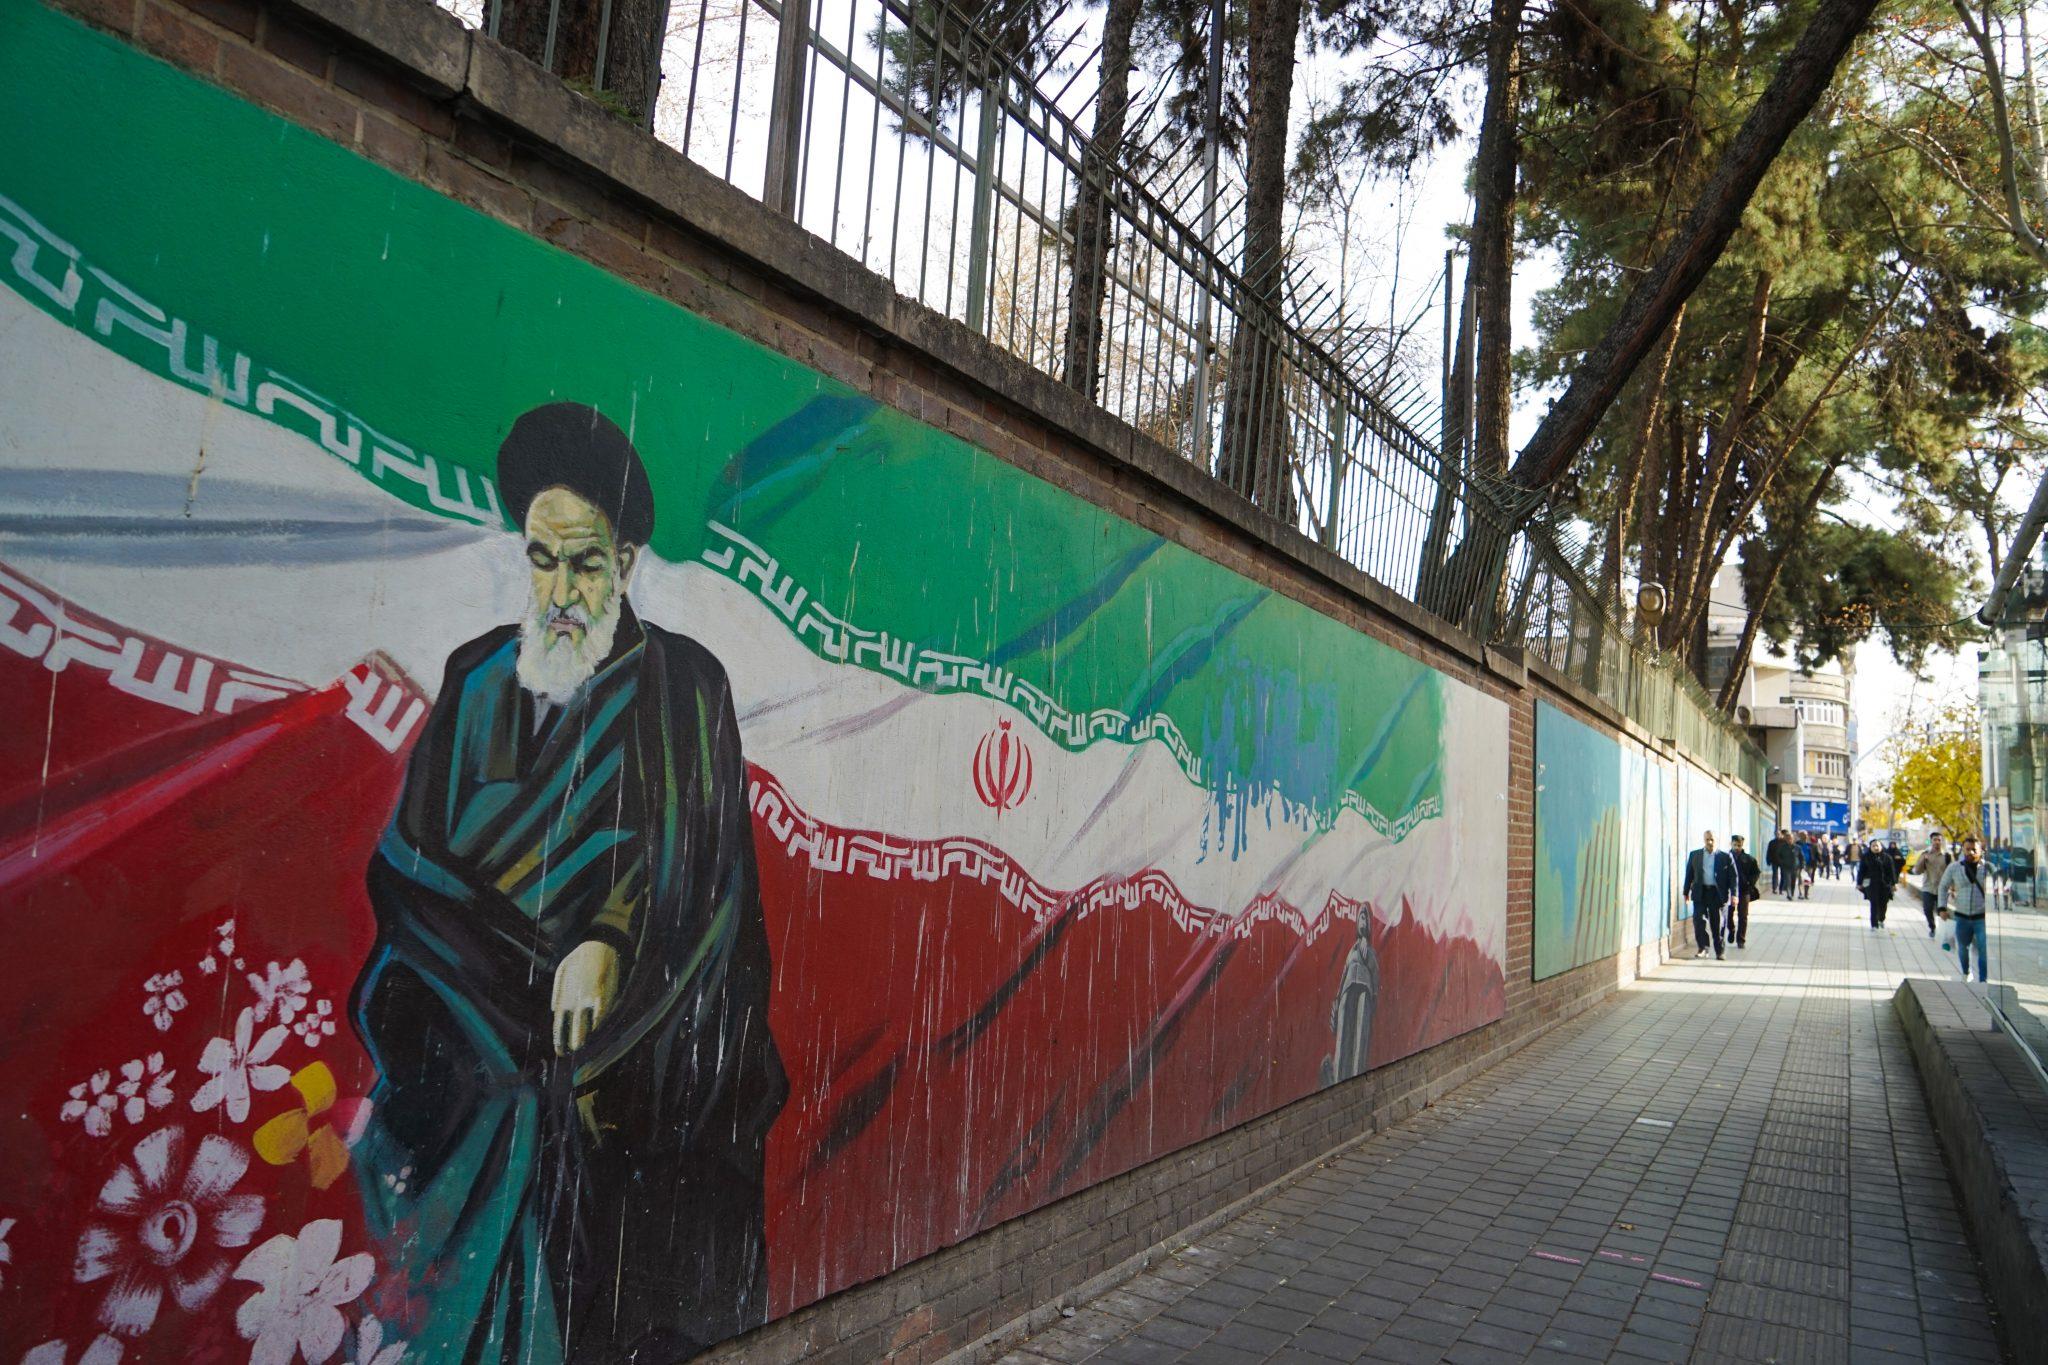 Что посмотреть в Тегеране: графити на улицах. Еще больше про Иран в блоге Bazariran.ru